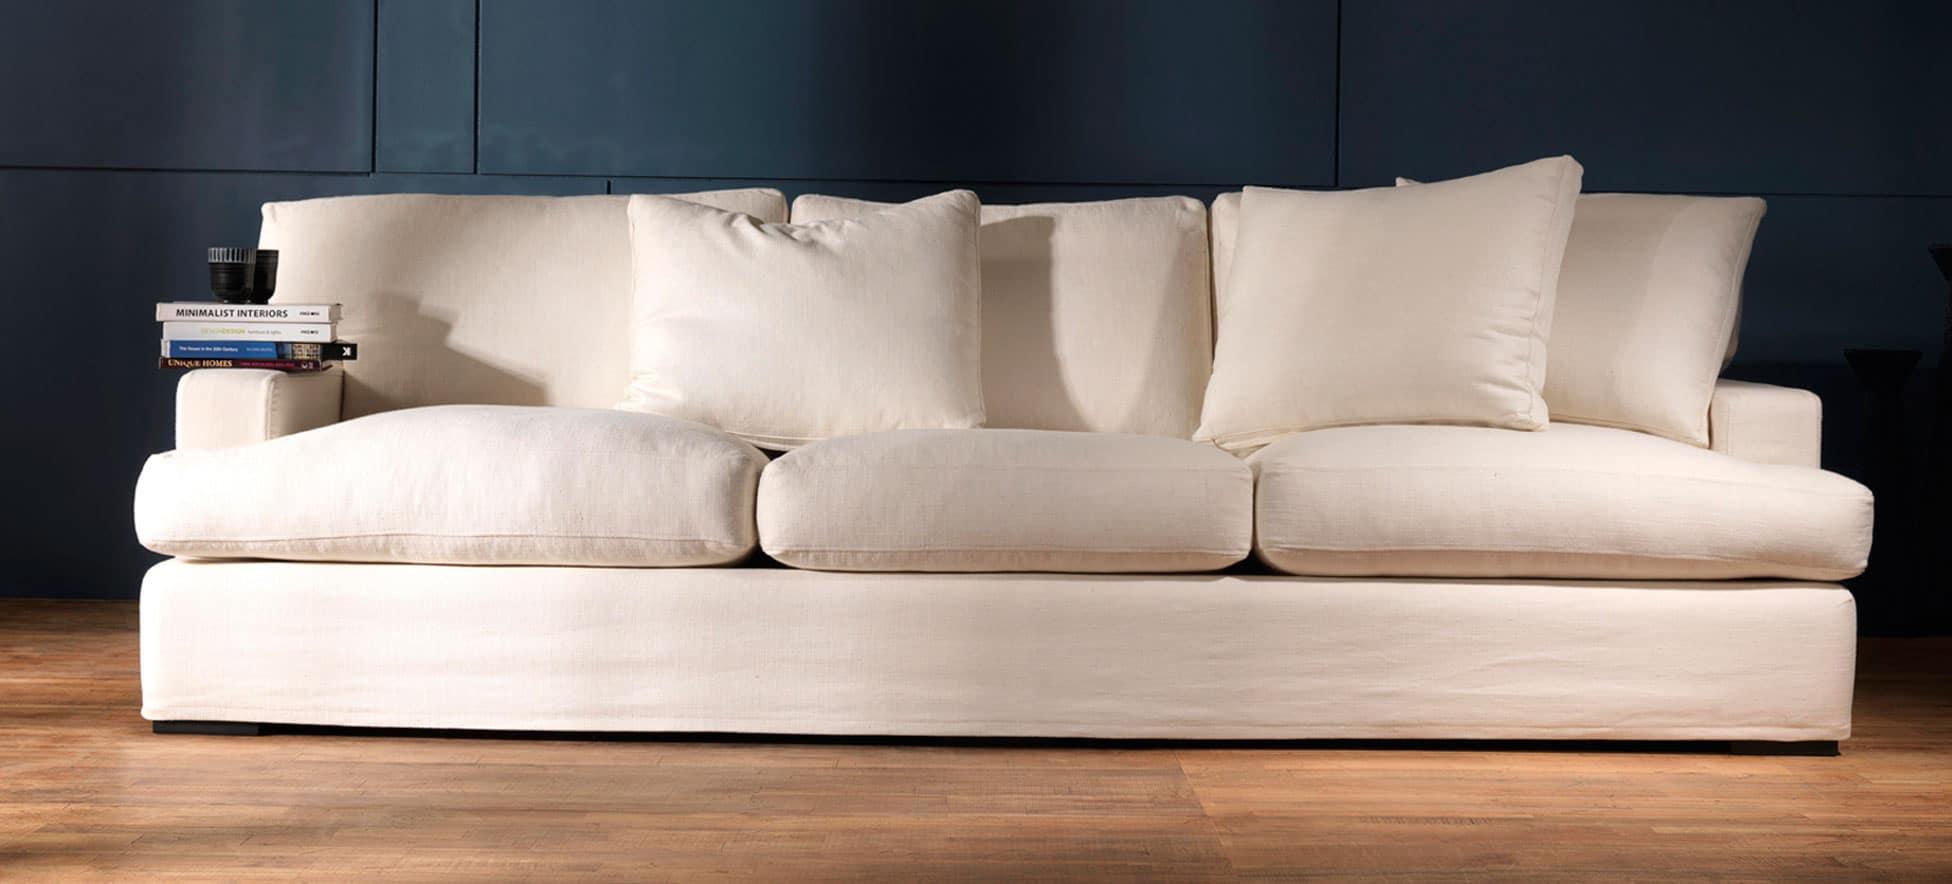 Canapé tissu haut de gamme Penthouse 2 5 3 places au